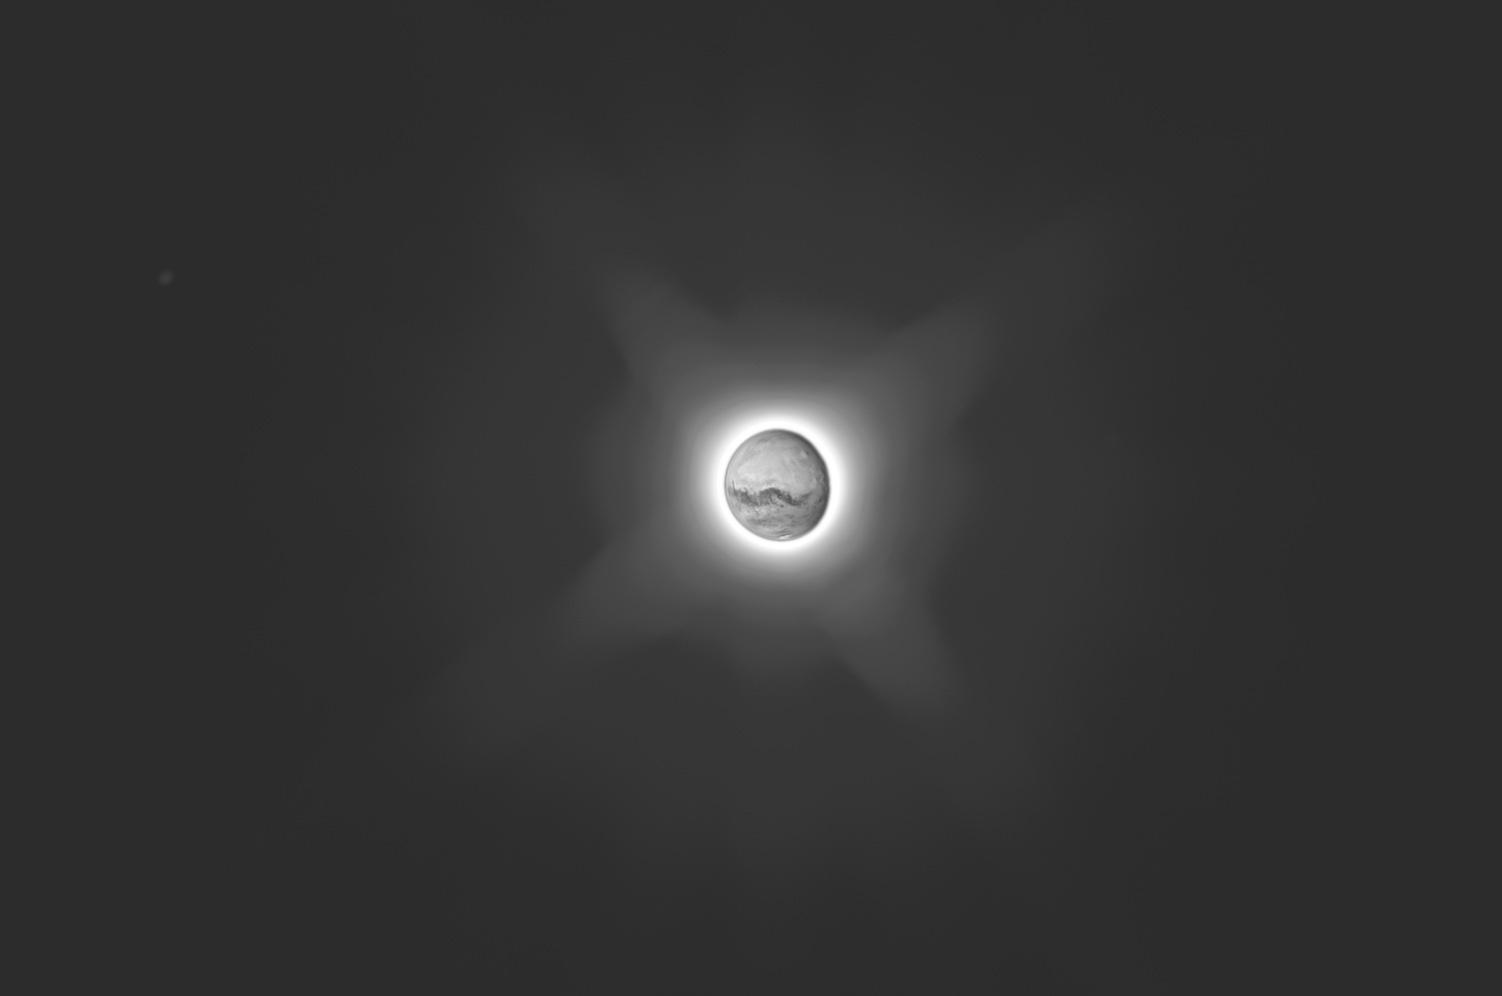 moons_1.jpg.d775863ca24e0ba43321deea18dfa1a1.jpg